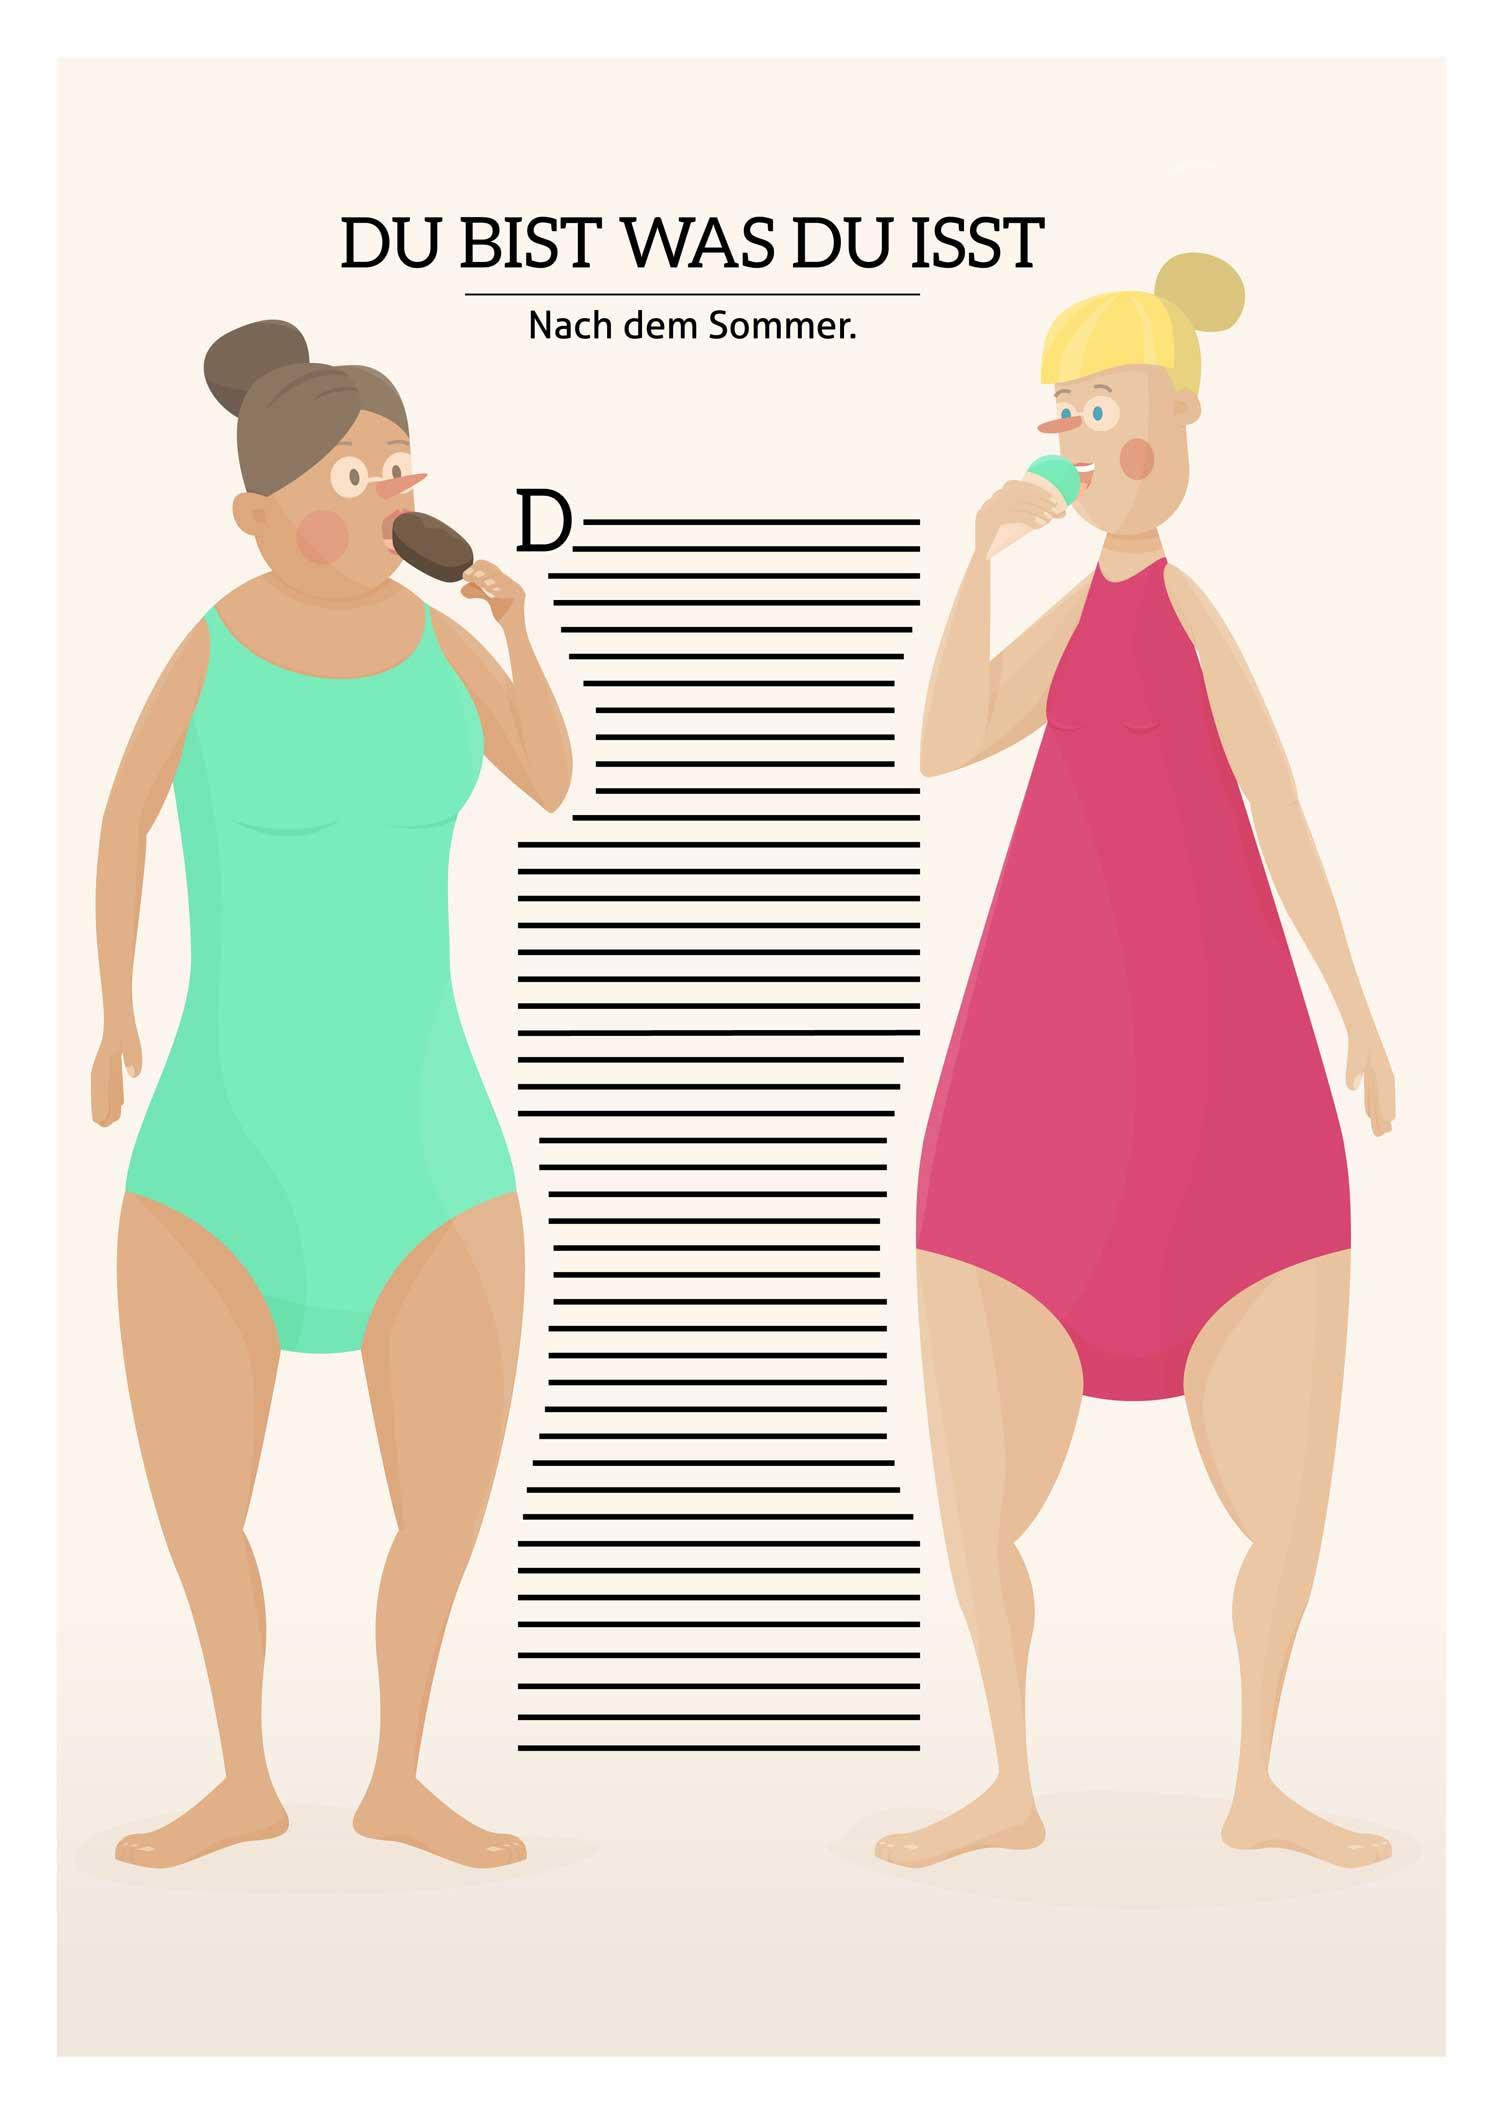 Illustration von Elisabeth Deim - Frauen im Badeanzug essen Eis